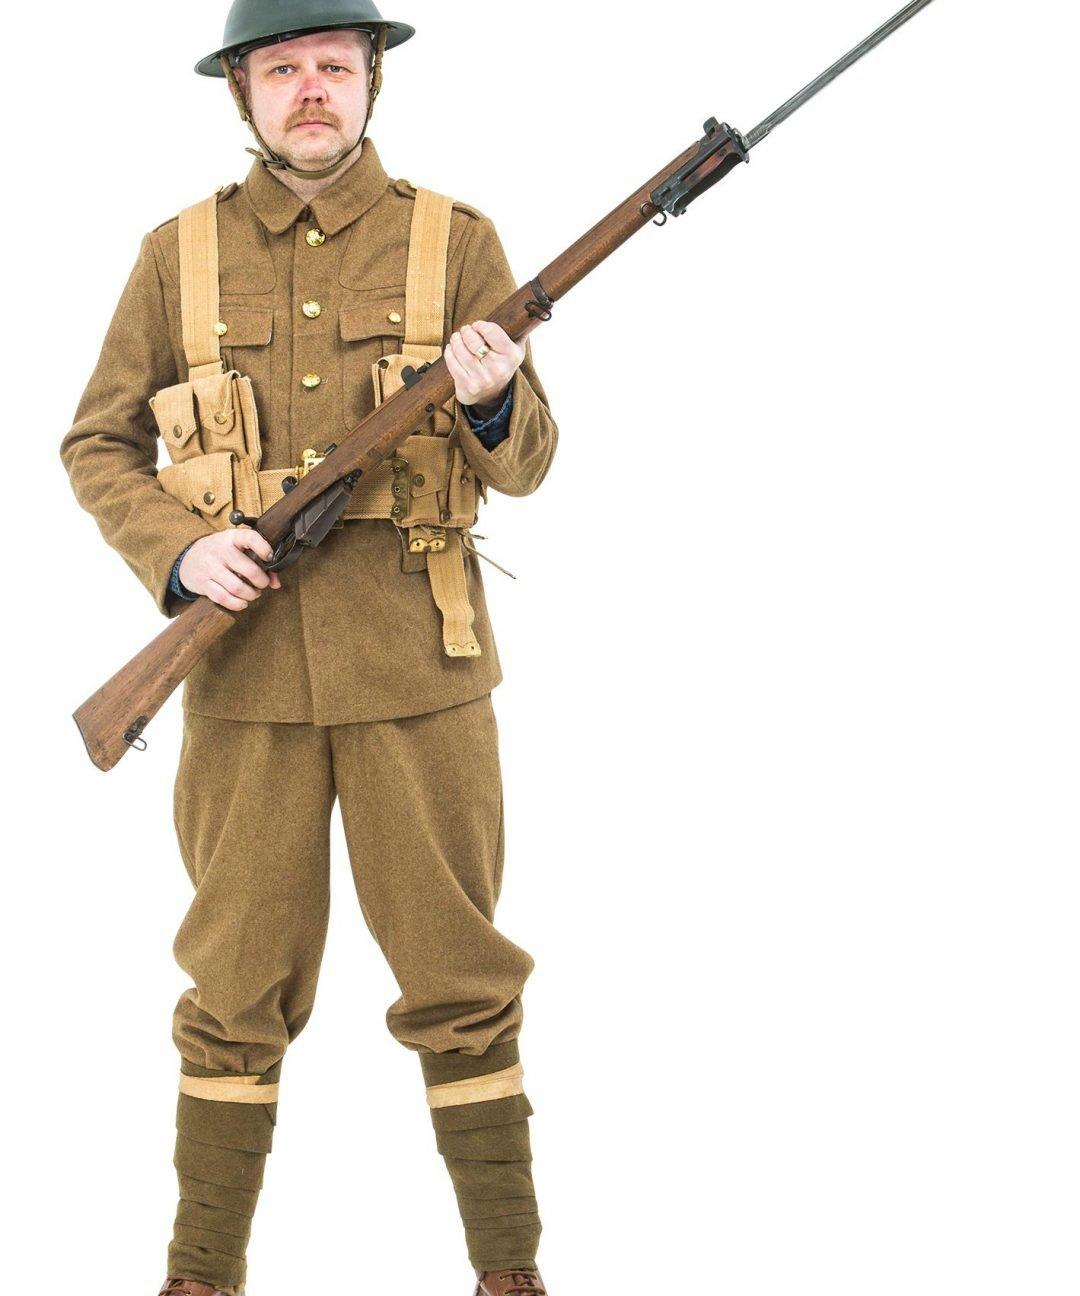 ww1 british army uniform